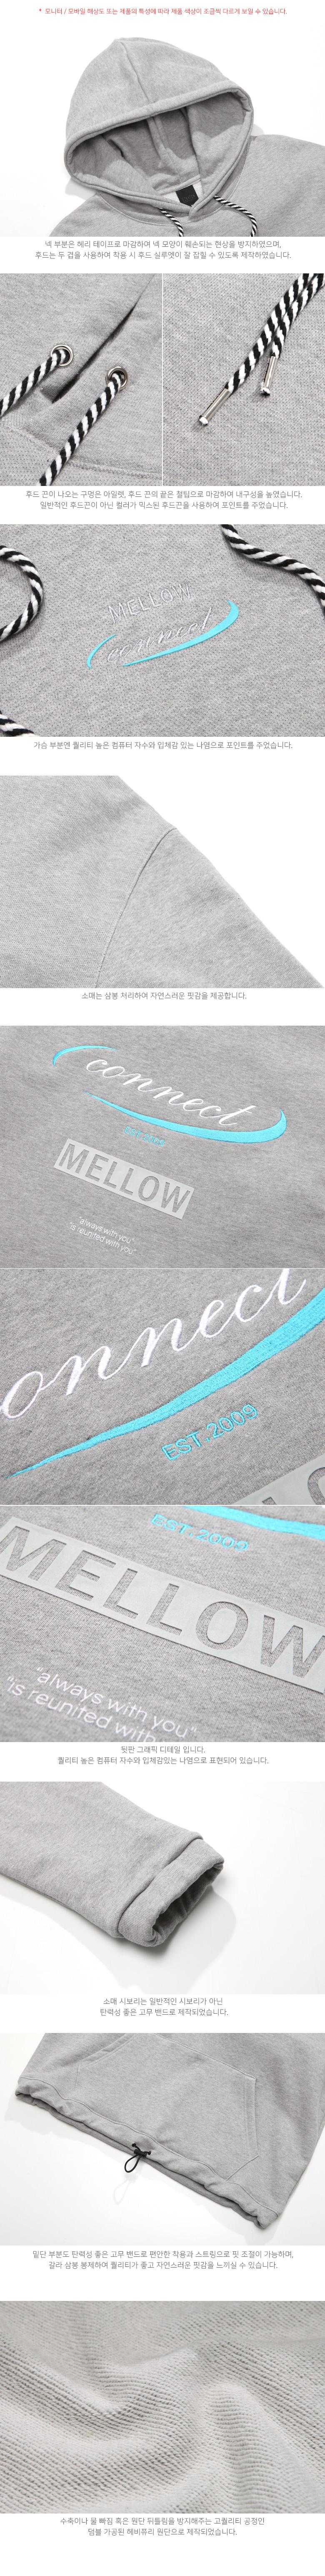 20190826_ez_mellow_detail_gray_je_02.jpg